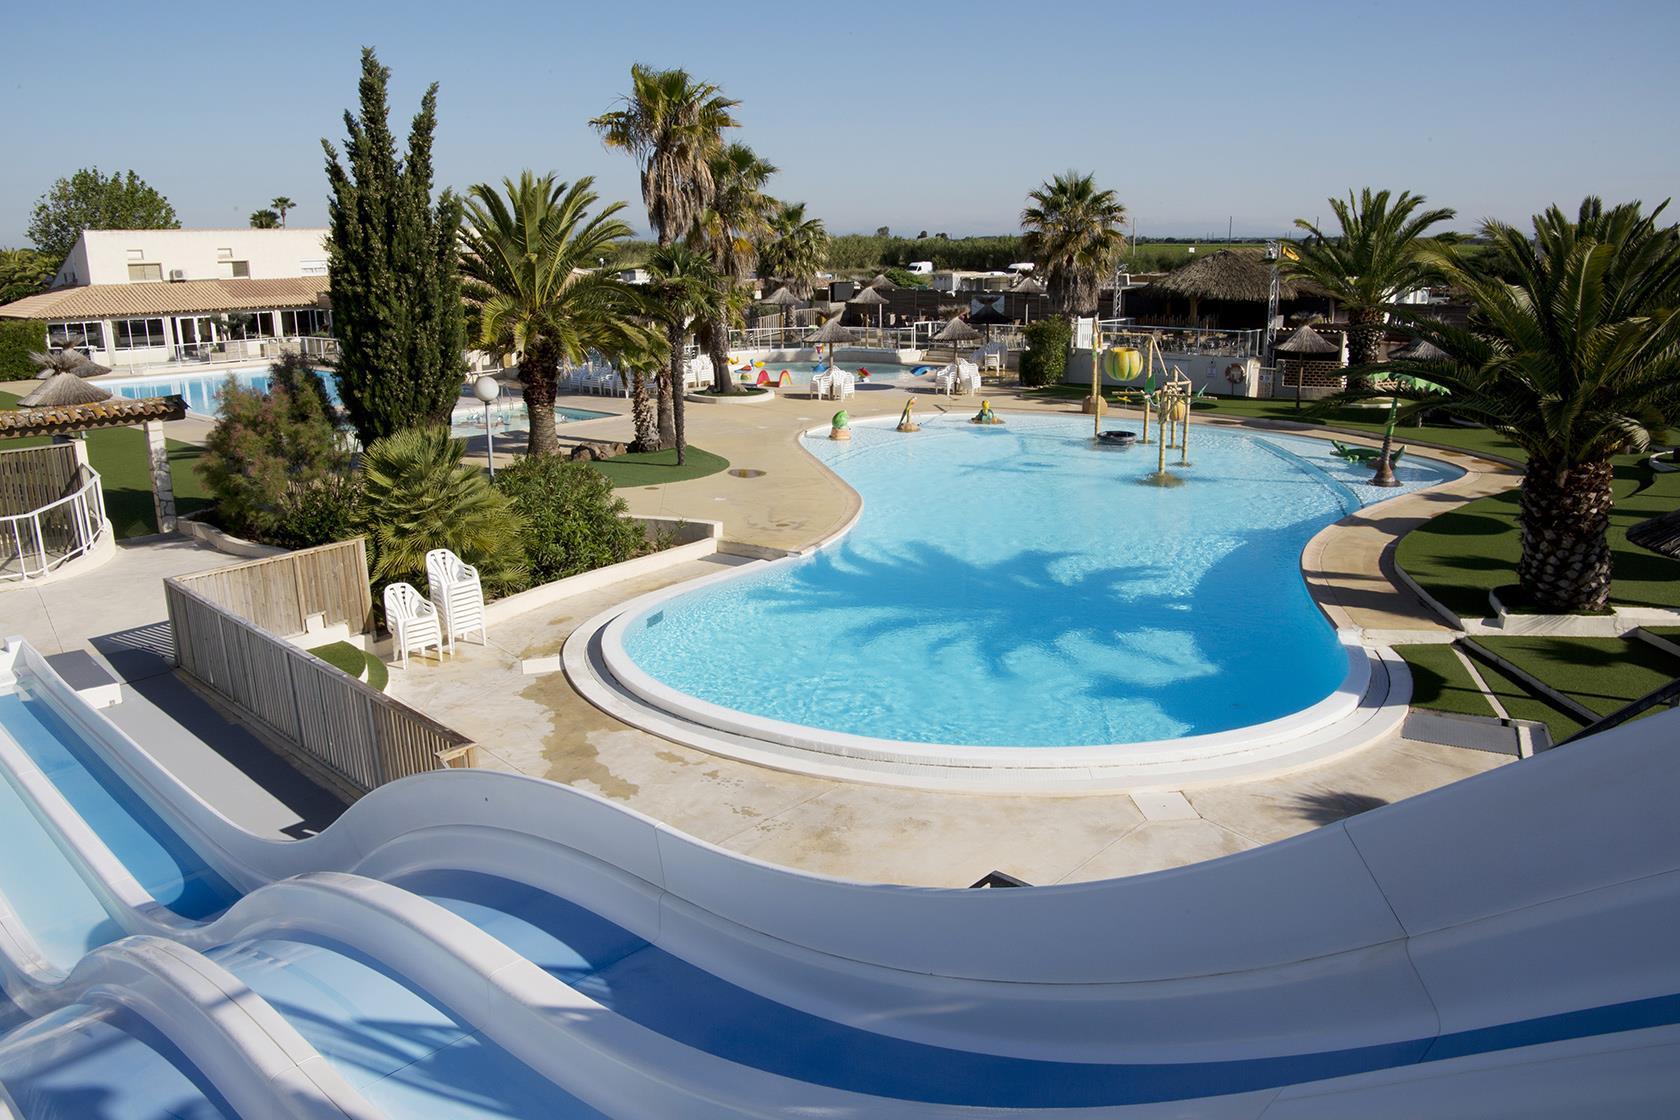 Kinderzwembad Glijbanen Zwembadgedeelte Palmbomen